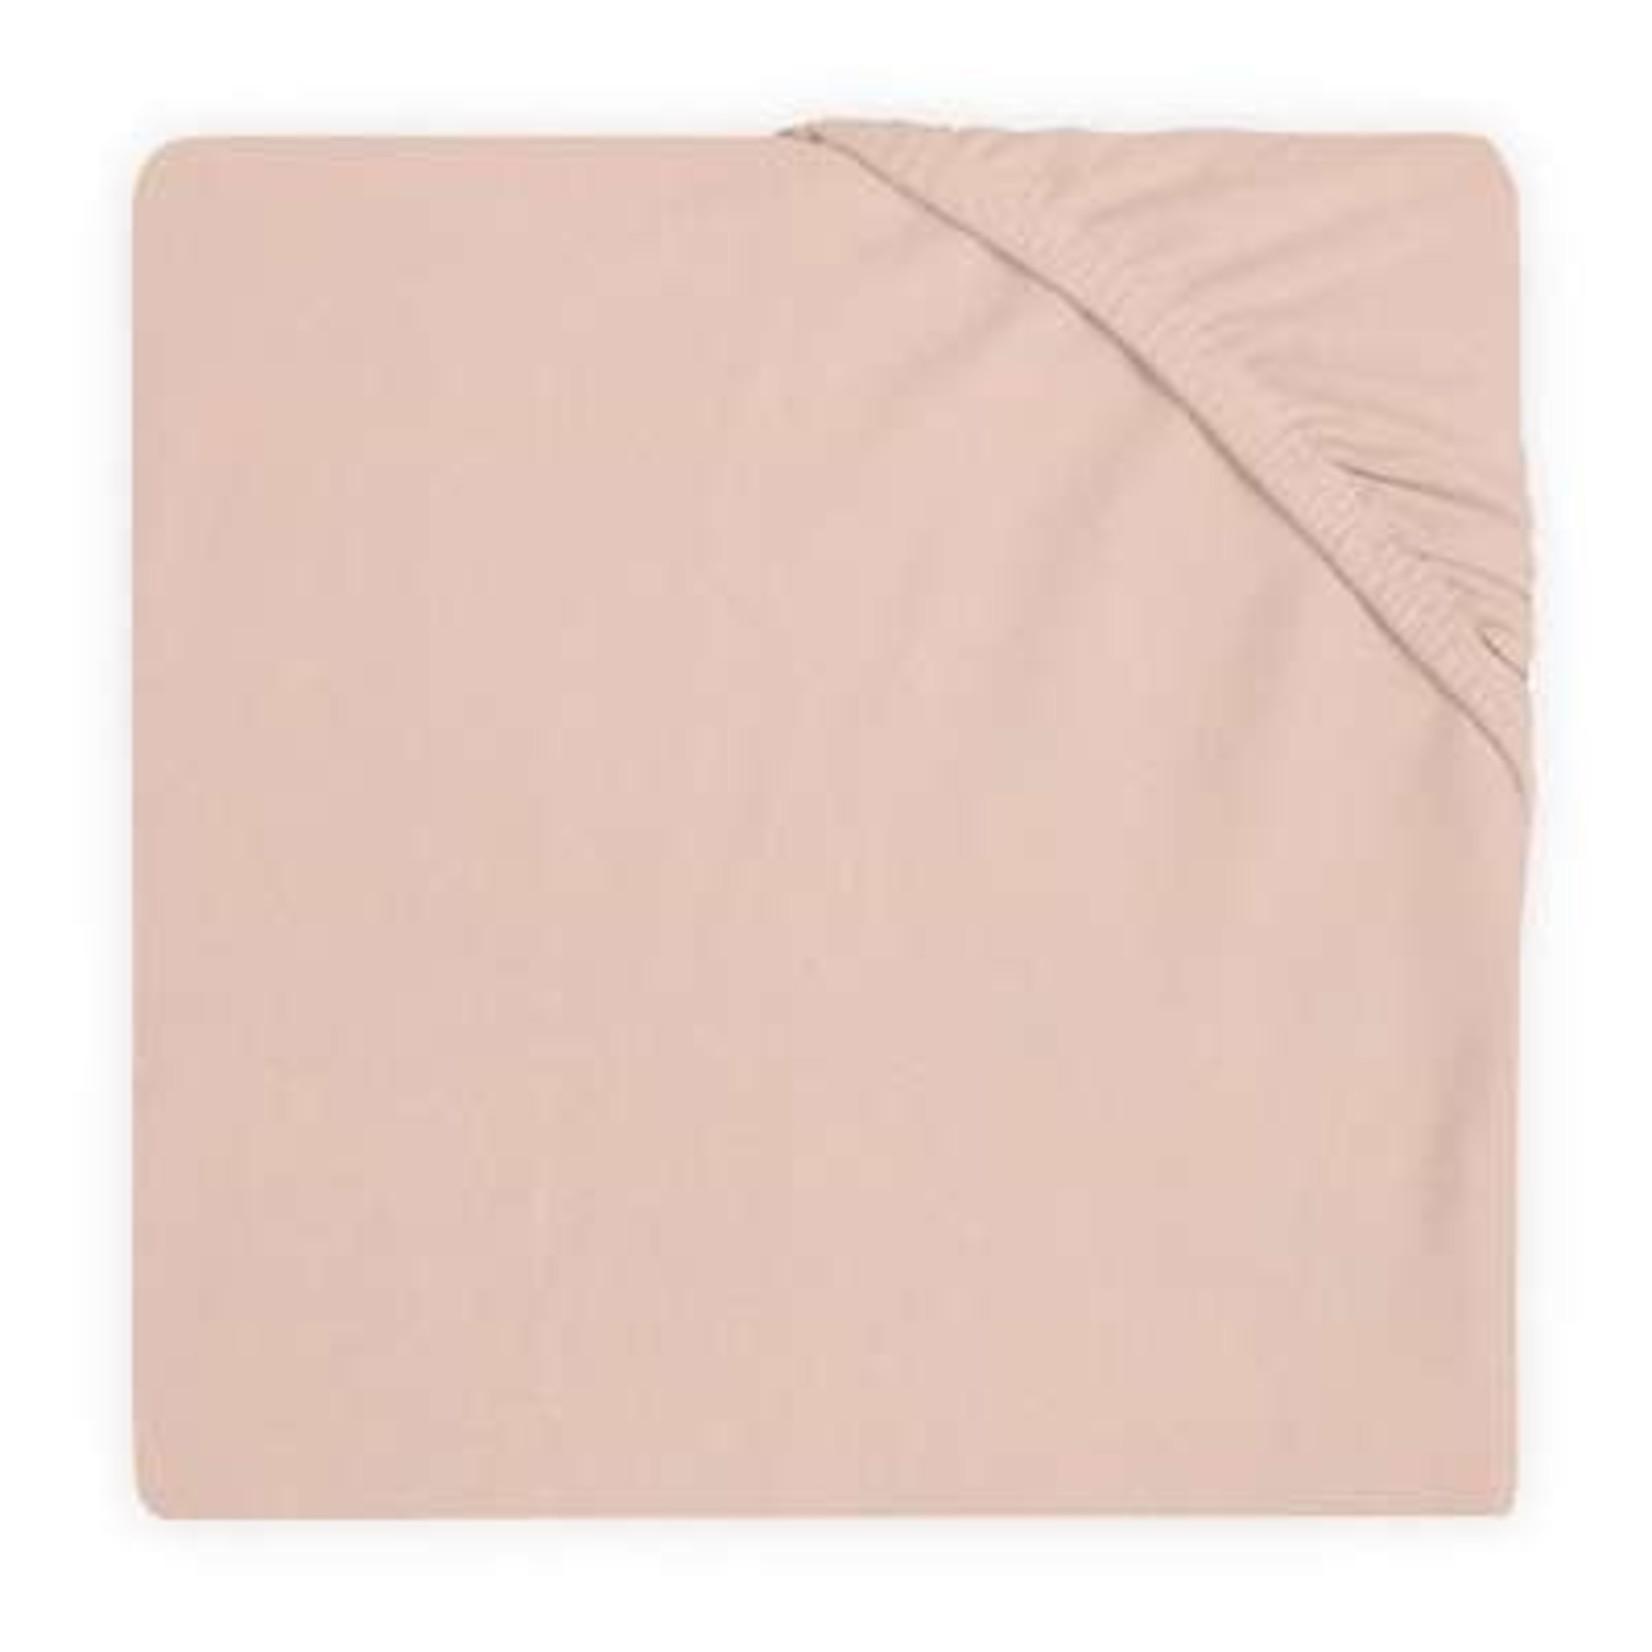 Jollein Jollein Hoeslaken Jersey 40x80/90cm Pale pink